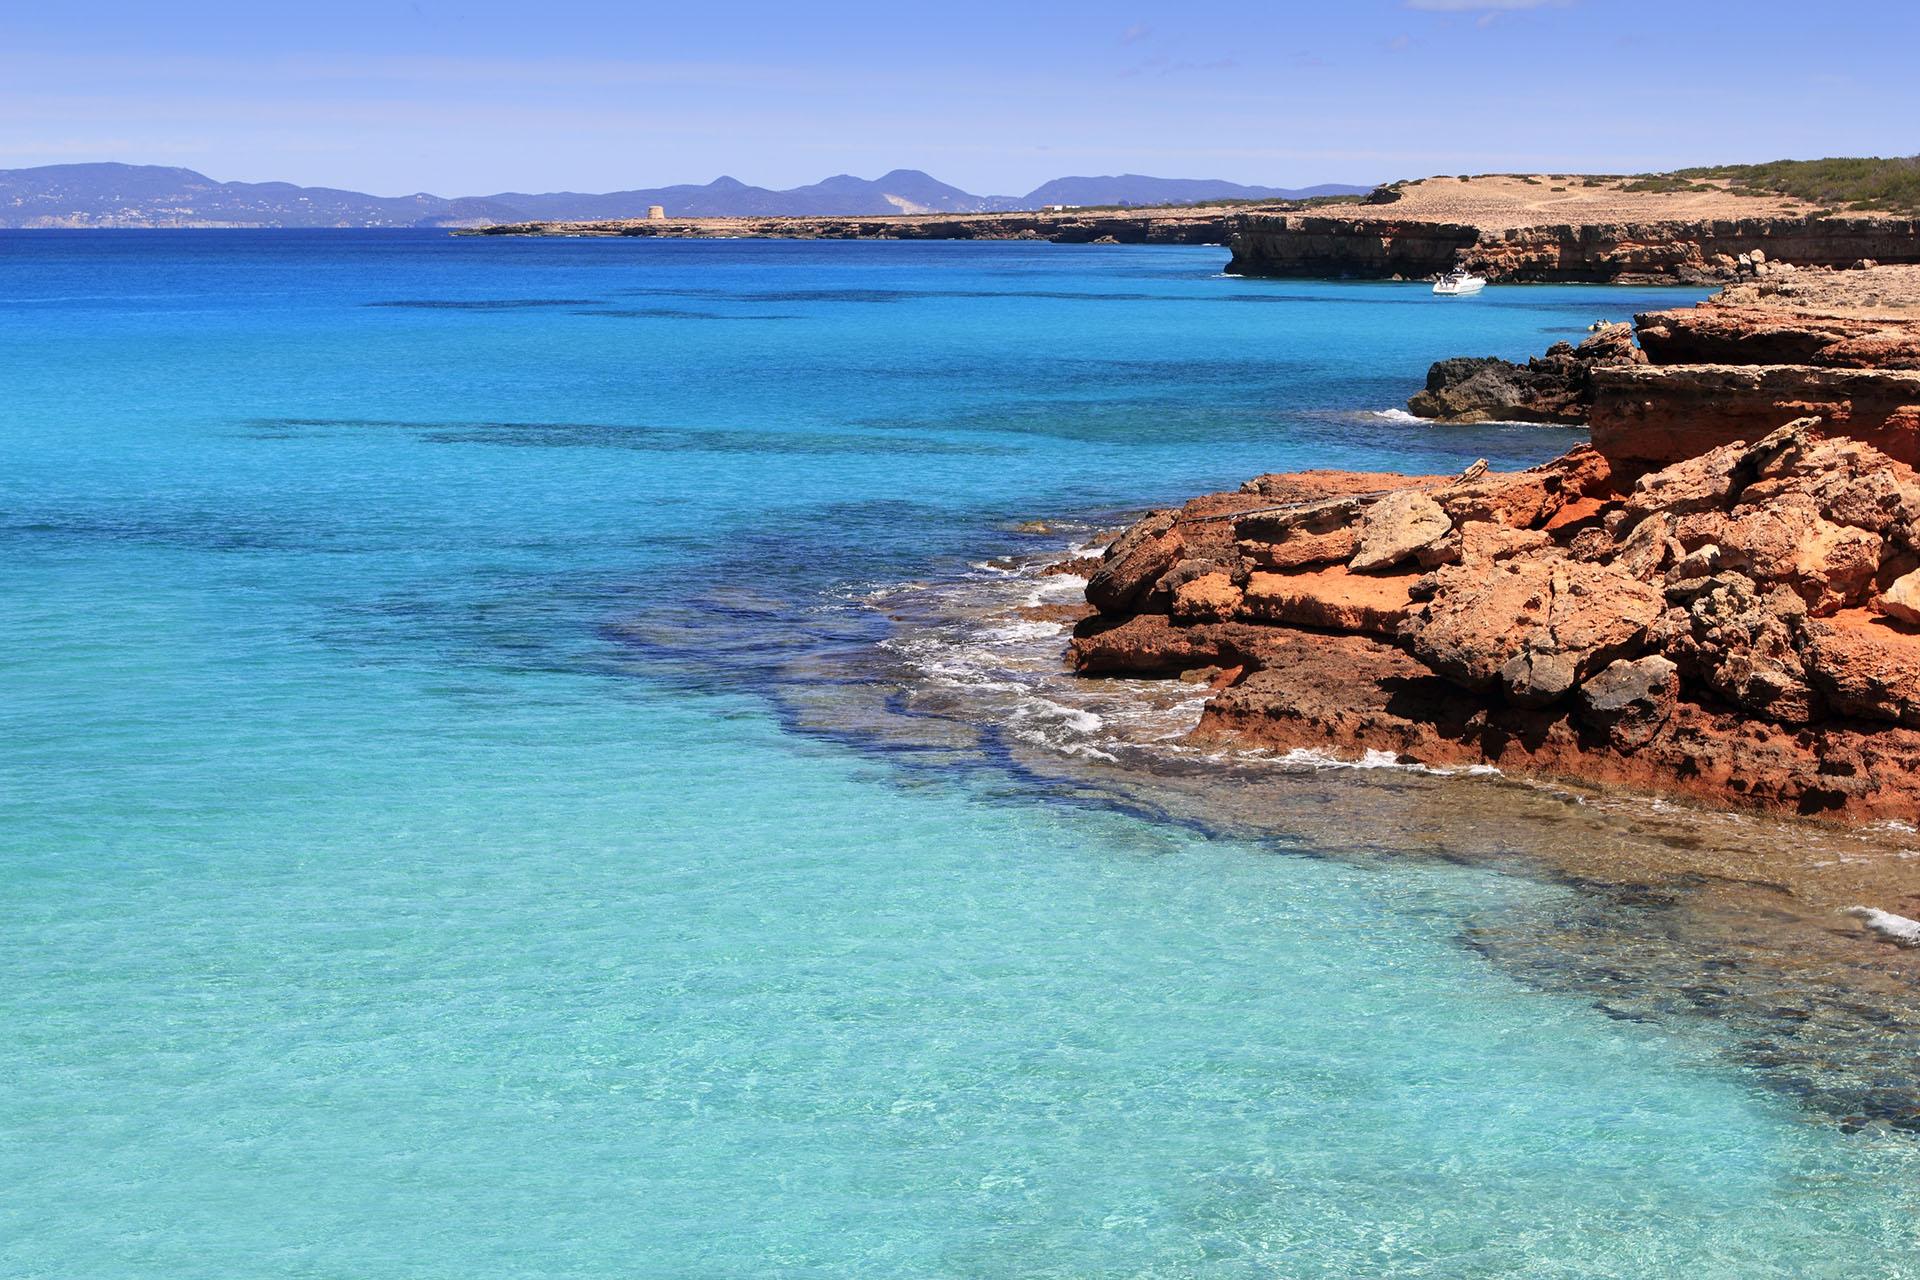 A pesar de que Ibiza puede ser más conocida, la isla vecina de Formentera tiene para ofrecer sus hermosas costas. Se puede acceder en barco y cuenta con una de las mejores playas del mundo. Formentera tiene más de 20 km de playas, desde calas rocosas hasta playas de arena blanca, y Cala Saona es la más imponente.